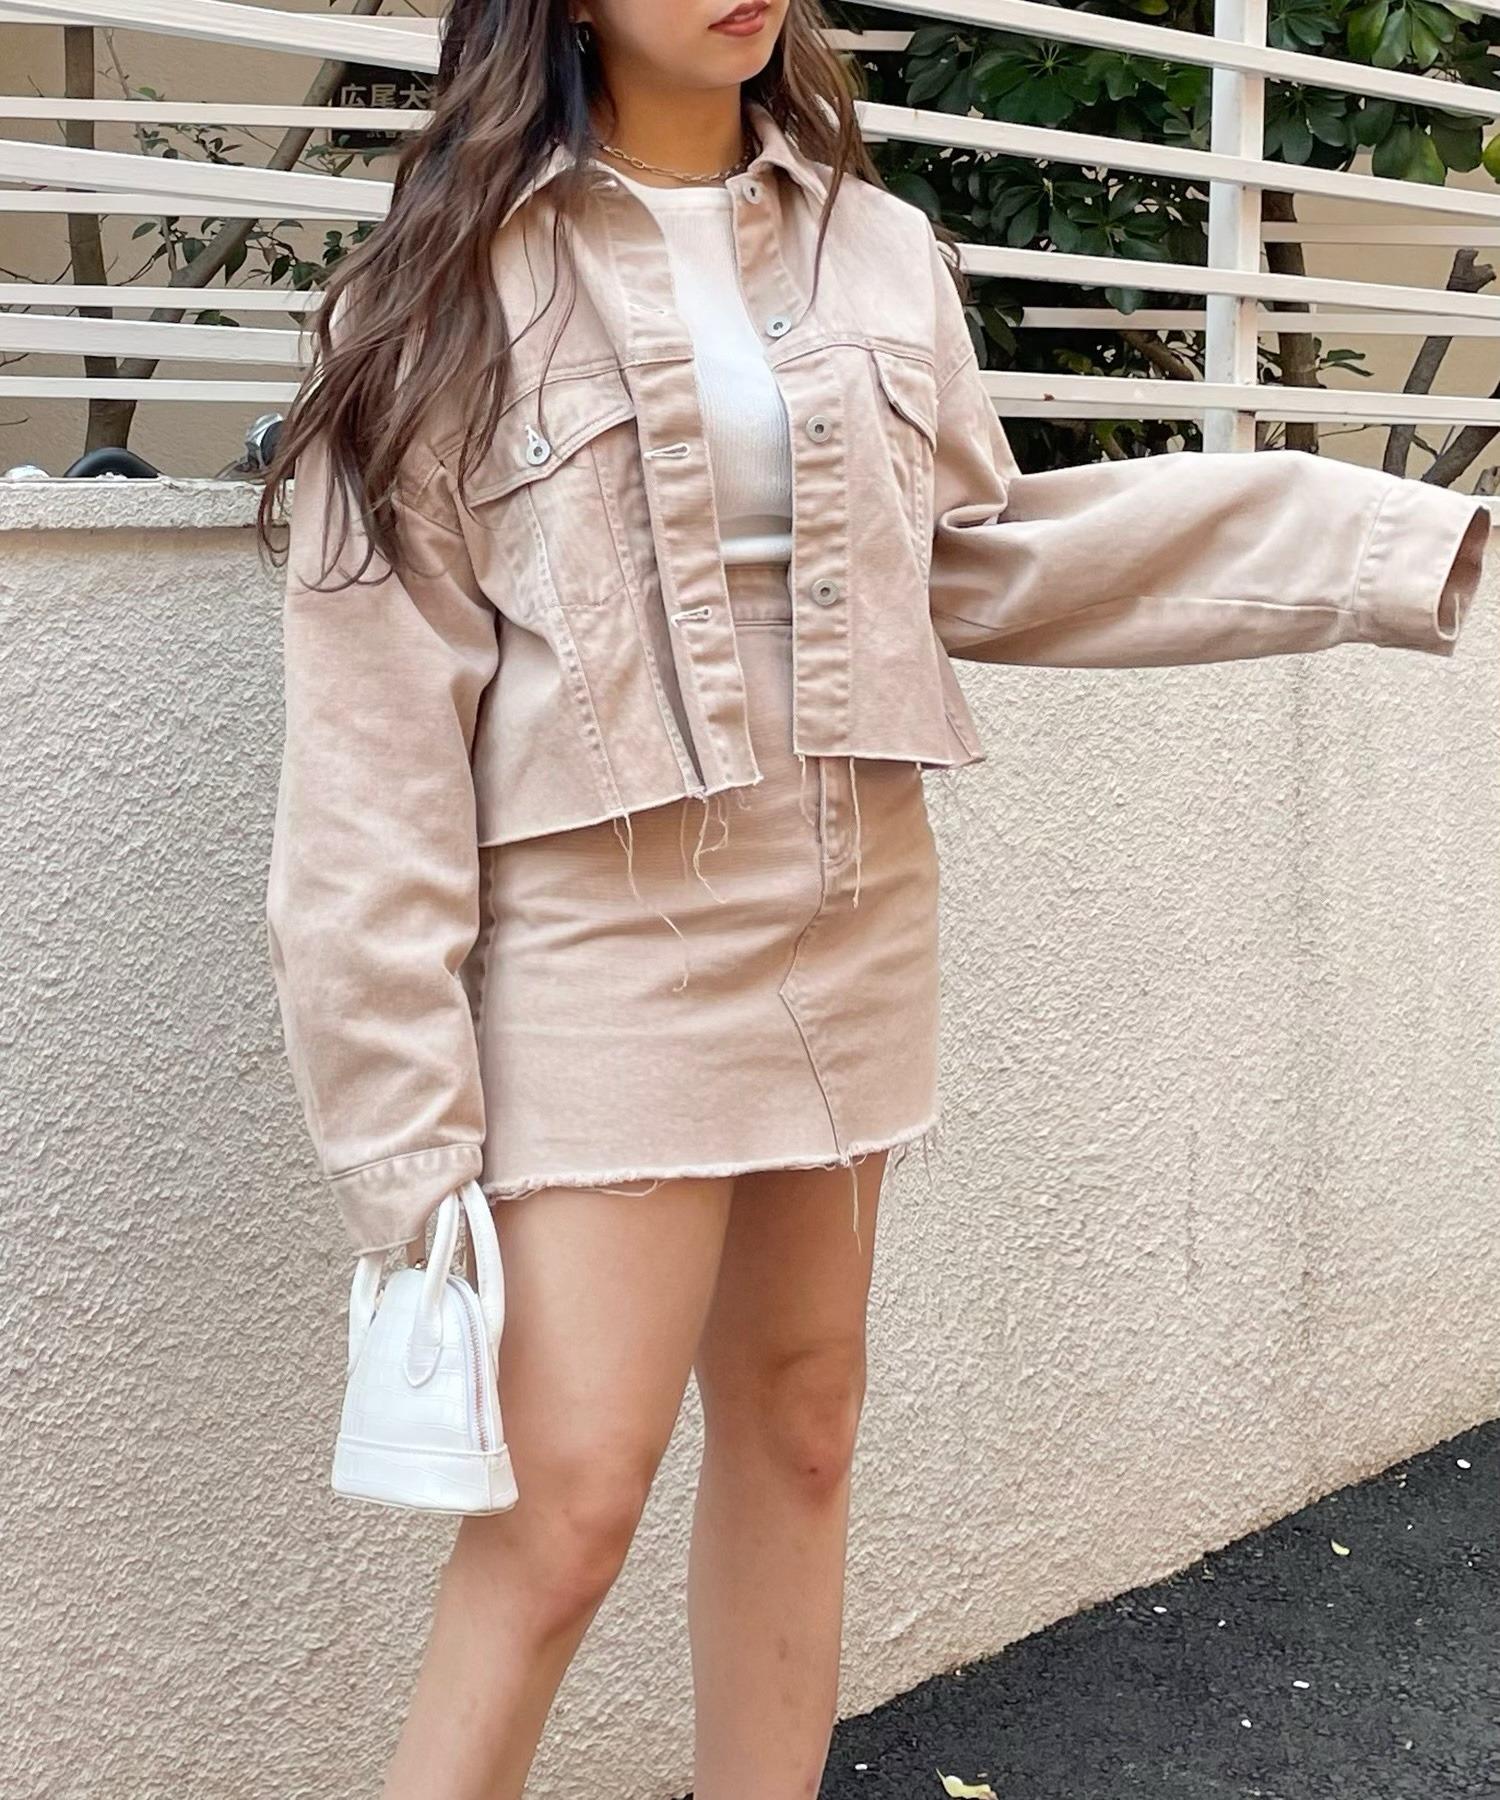 【超十代 やしろななさん着用】カットオフショートジャケット